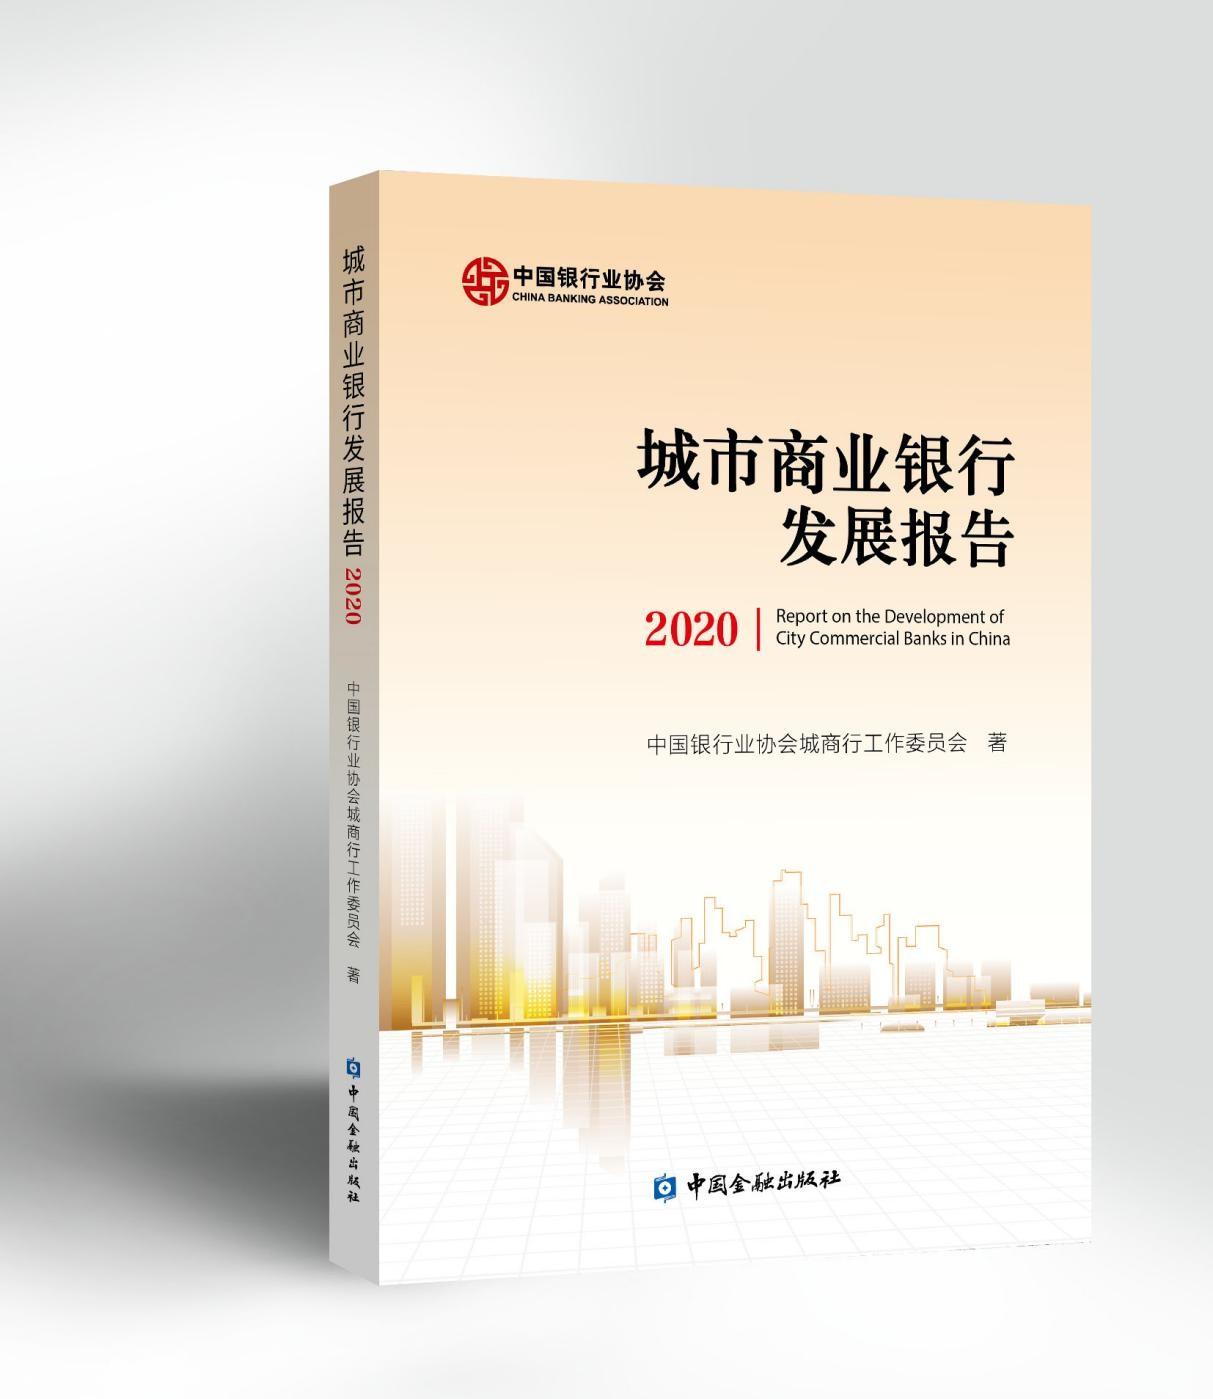 中银协:城商行、民营银行加速在大数据、区块链等领域布局